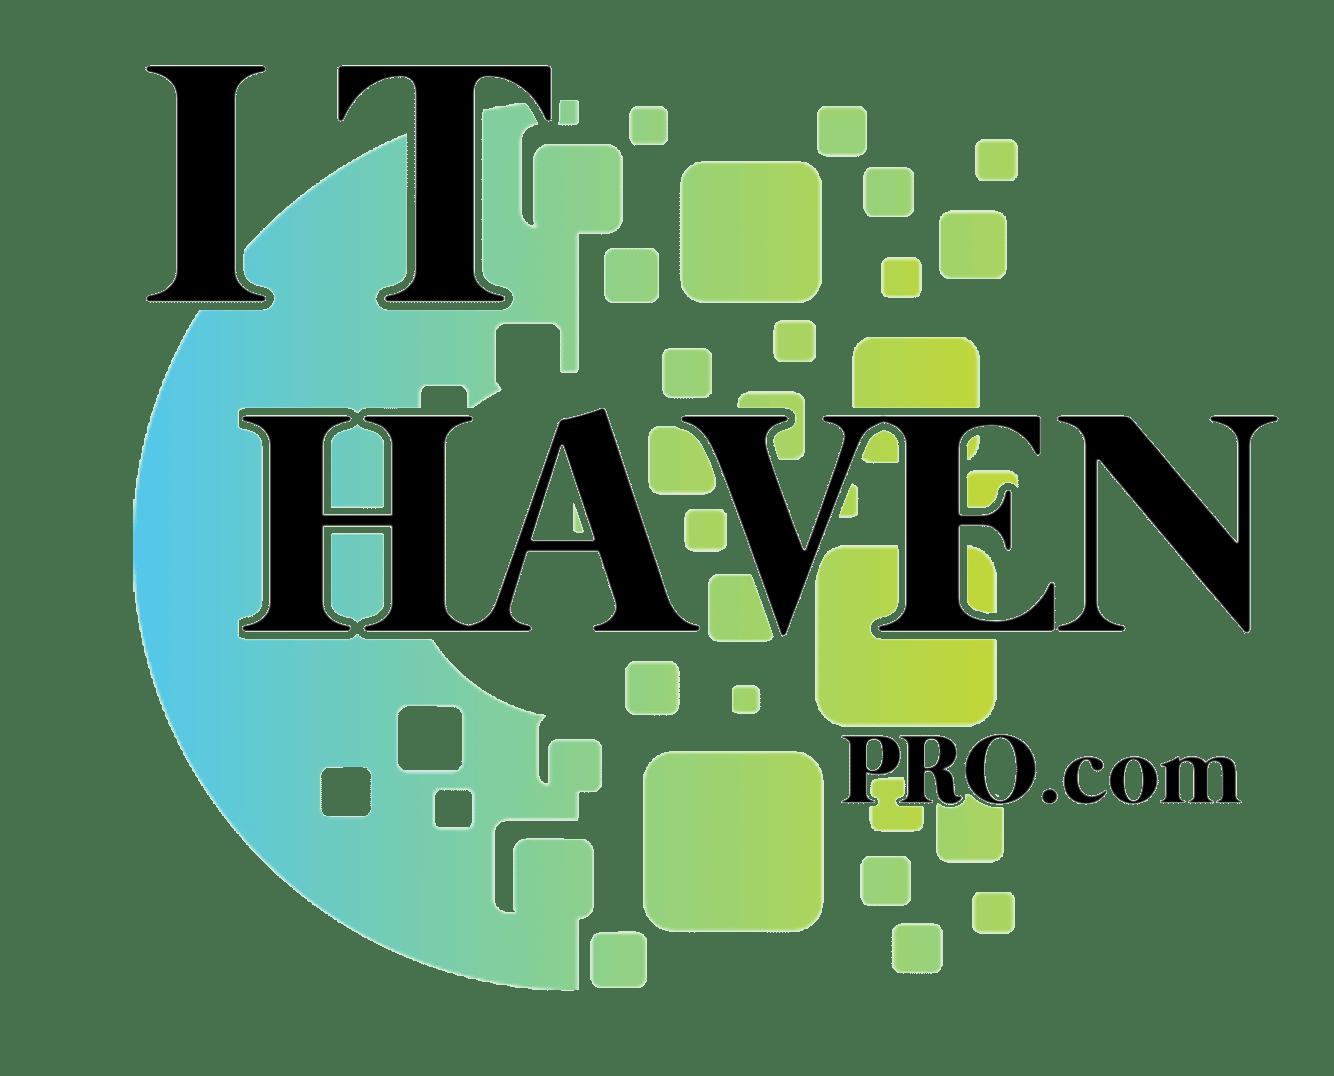 IT Haven